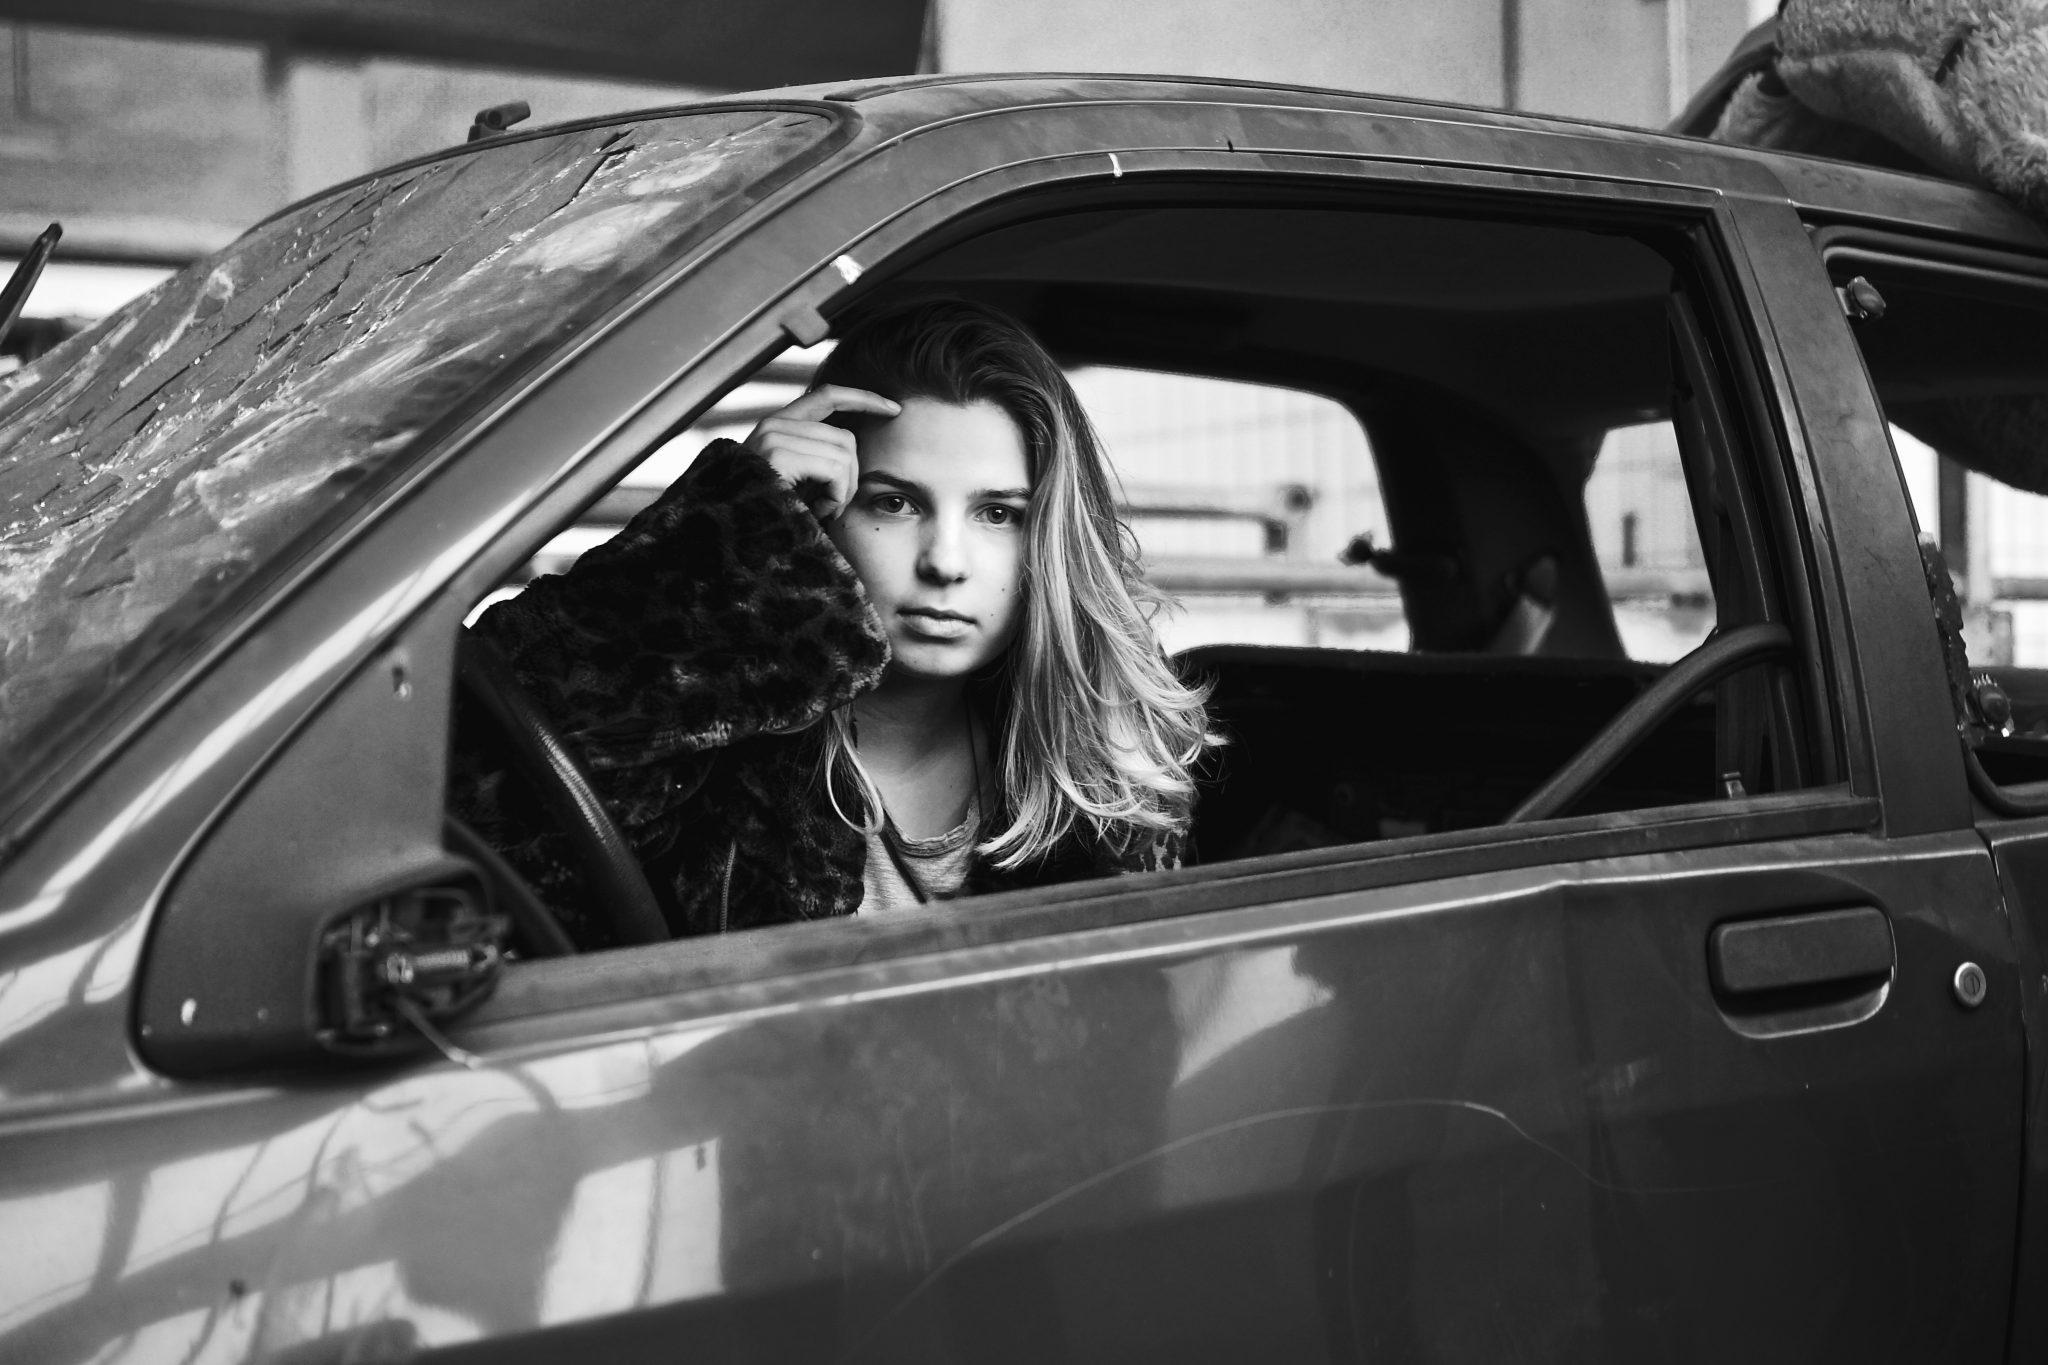 Ein kaputtes Auto mit eingeschlagenen Fenstern in dem ein Model von der Fotografin Felicitas Jander sitzt und sich durch die Haare faesst.